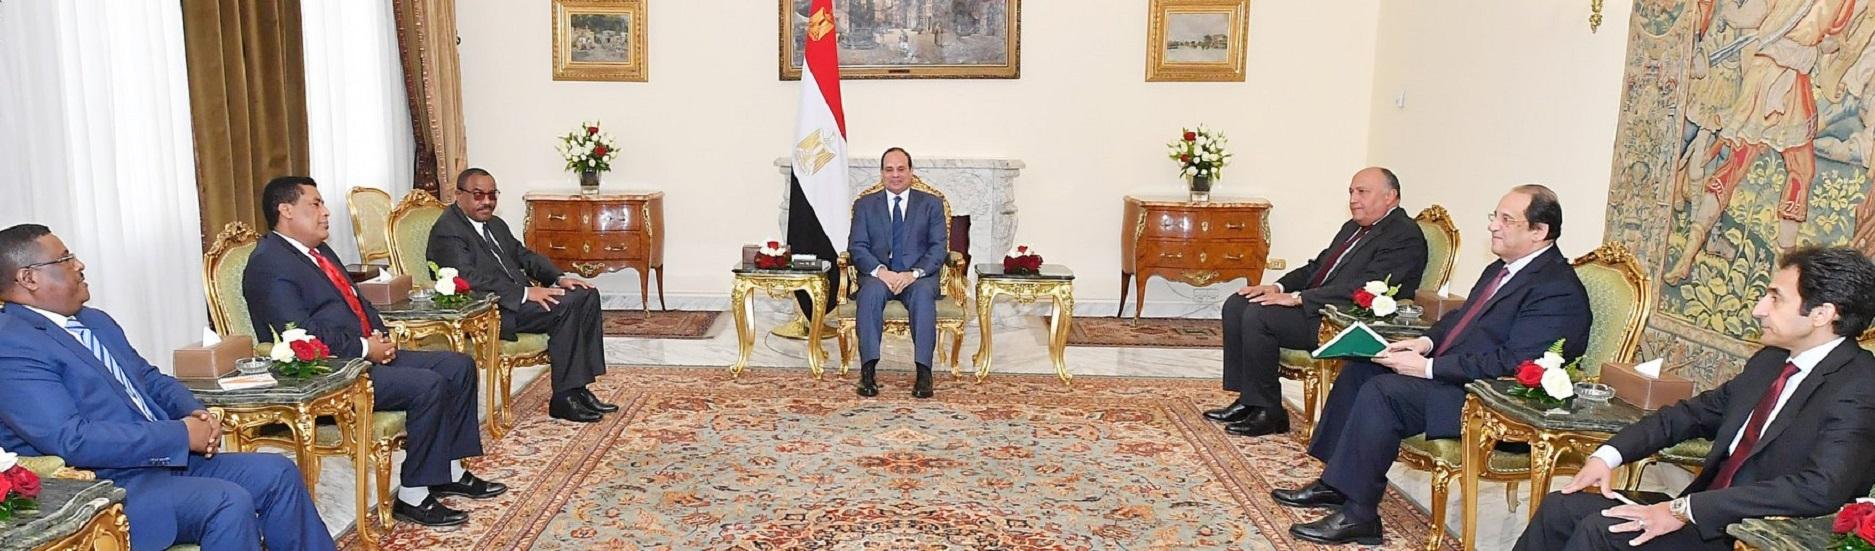 السيسي يؤكد التزام مصر بإنجاح مفاوضات واشنطنحول